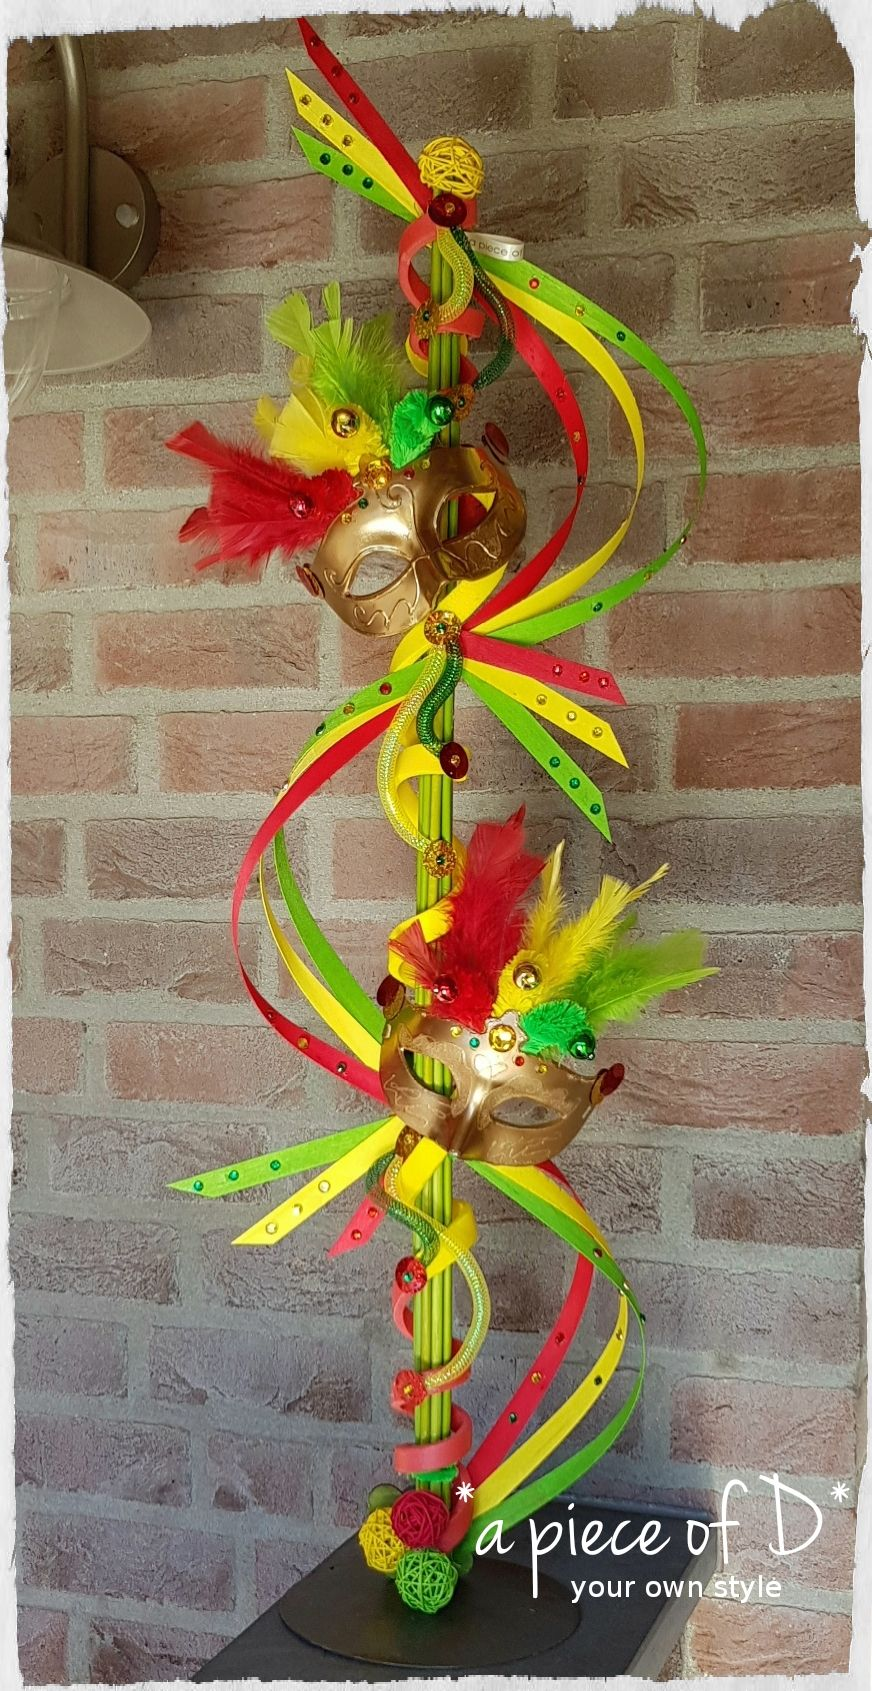 Pin Van Tjasa Vendramin Op Carneval Carnaval Decoraties Carnaval Decoratie Knutselen Decoratie Knutselen